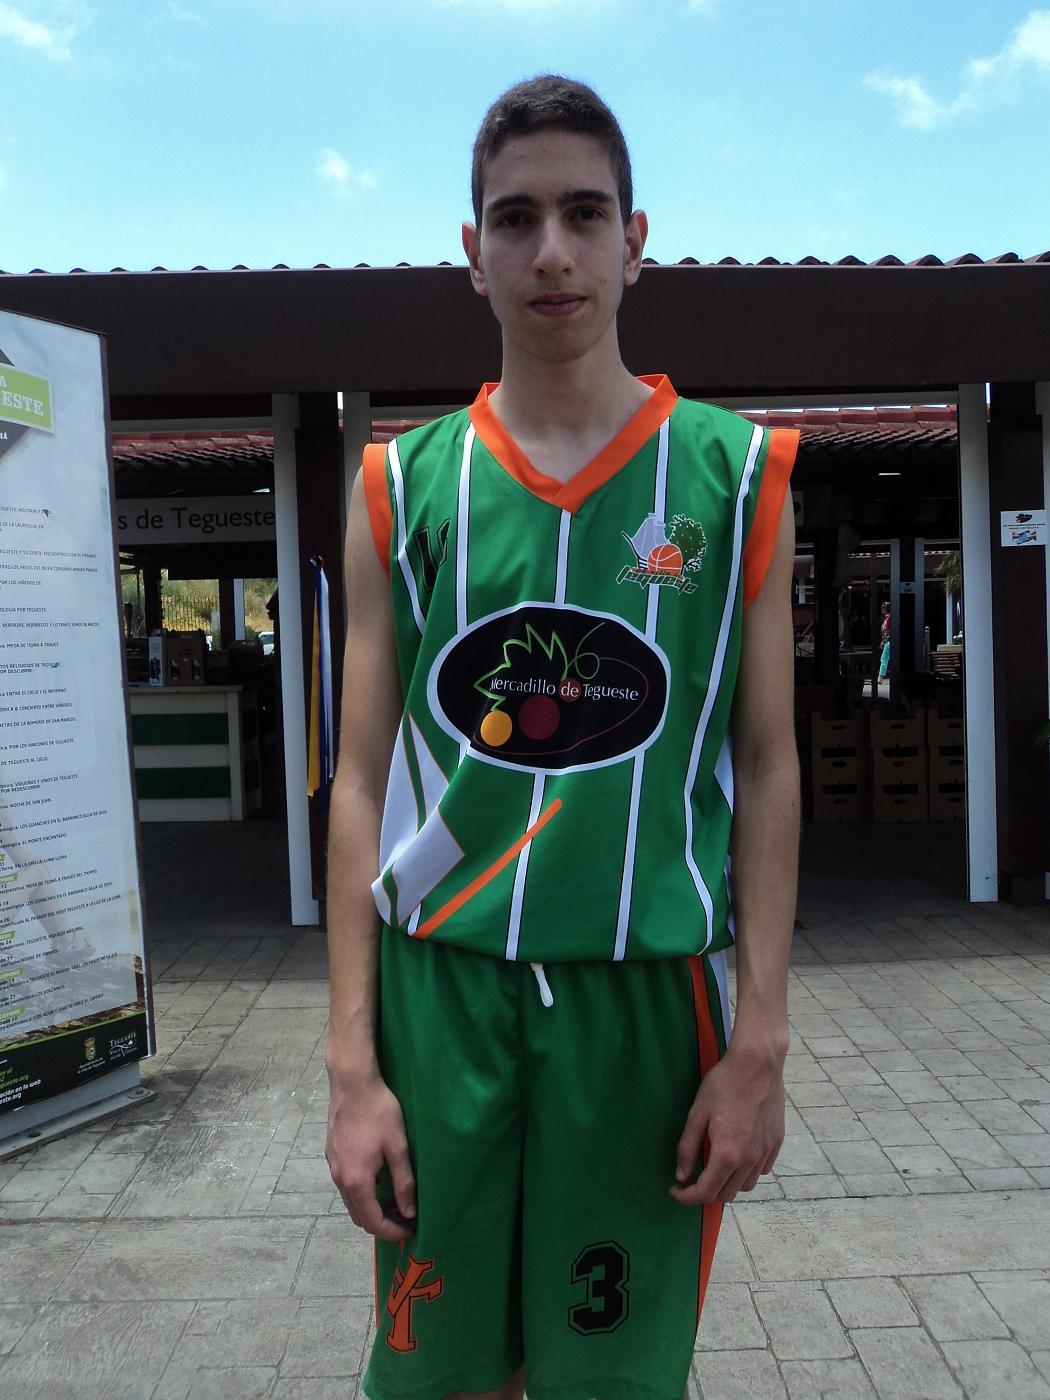 150530 Jugador CB Villa de Tegueste